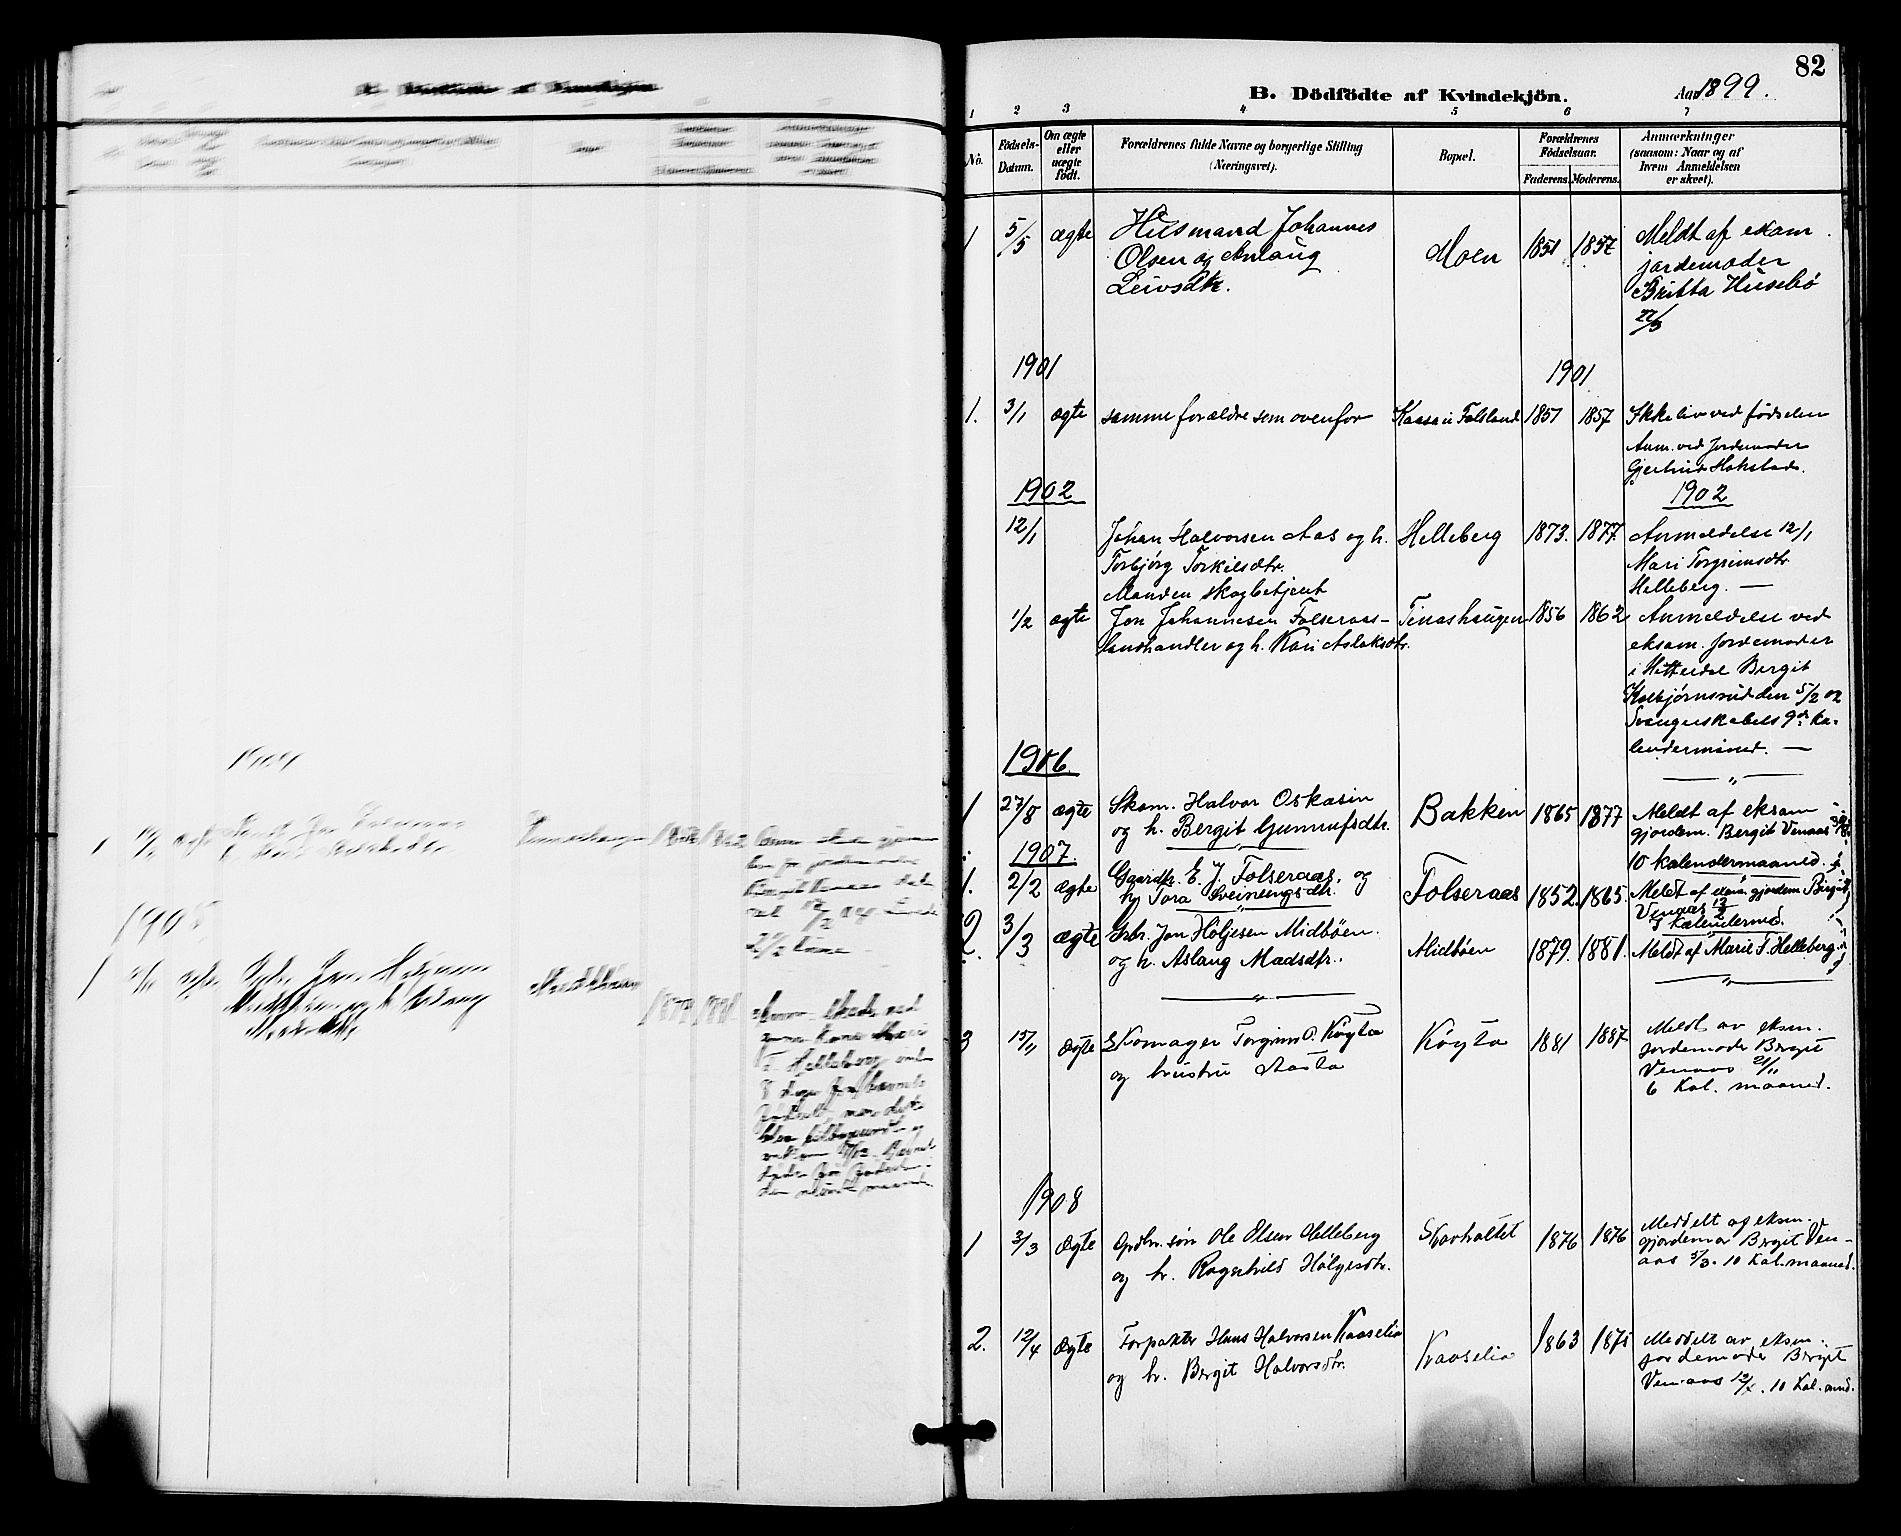 SAKO, Gransherad kirkebøker, G/Ga/L0003: Klokkerbok nr. I 3, 1887-1915, s. 82